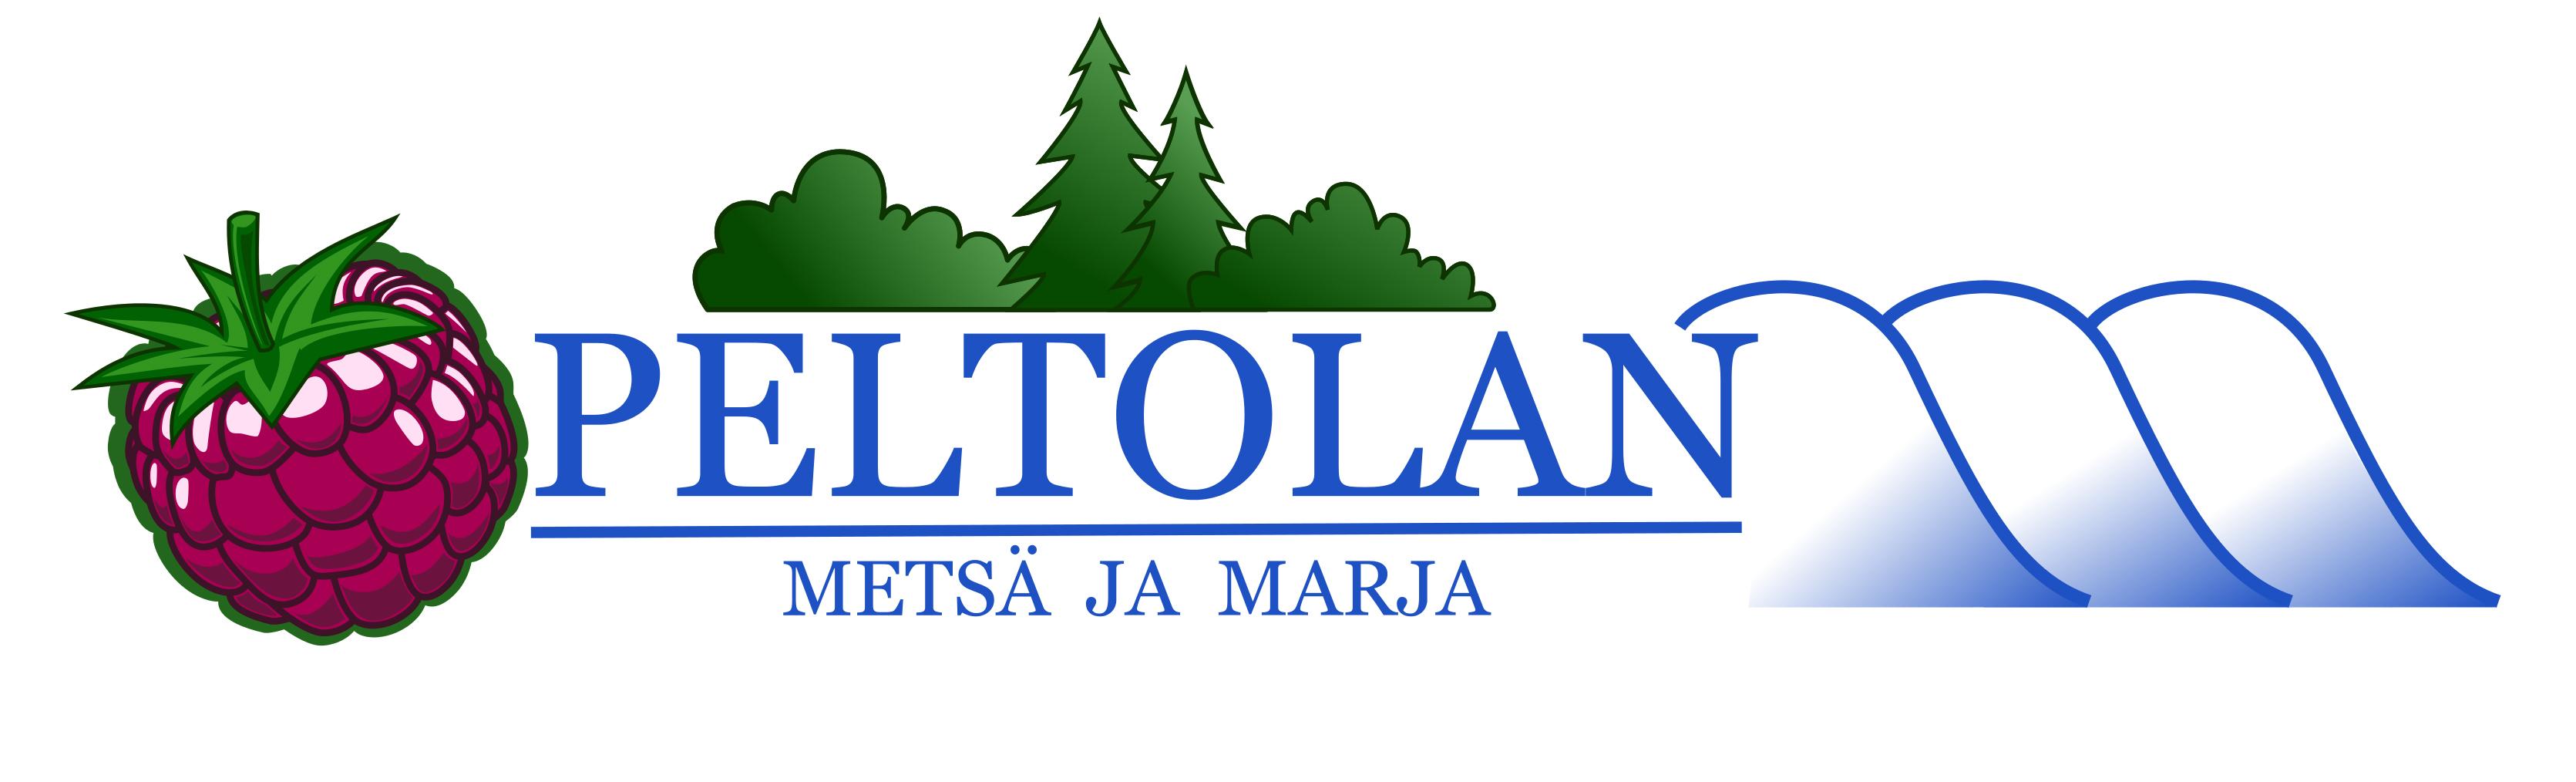 Peltolan Metsä ja Marja